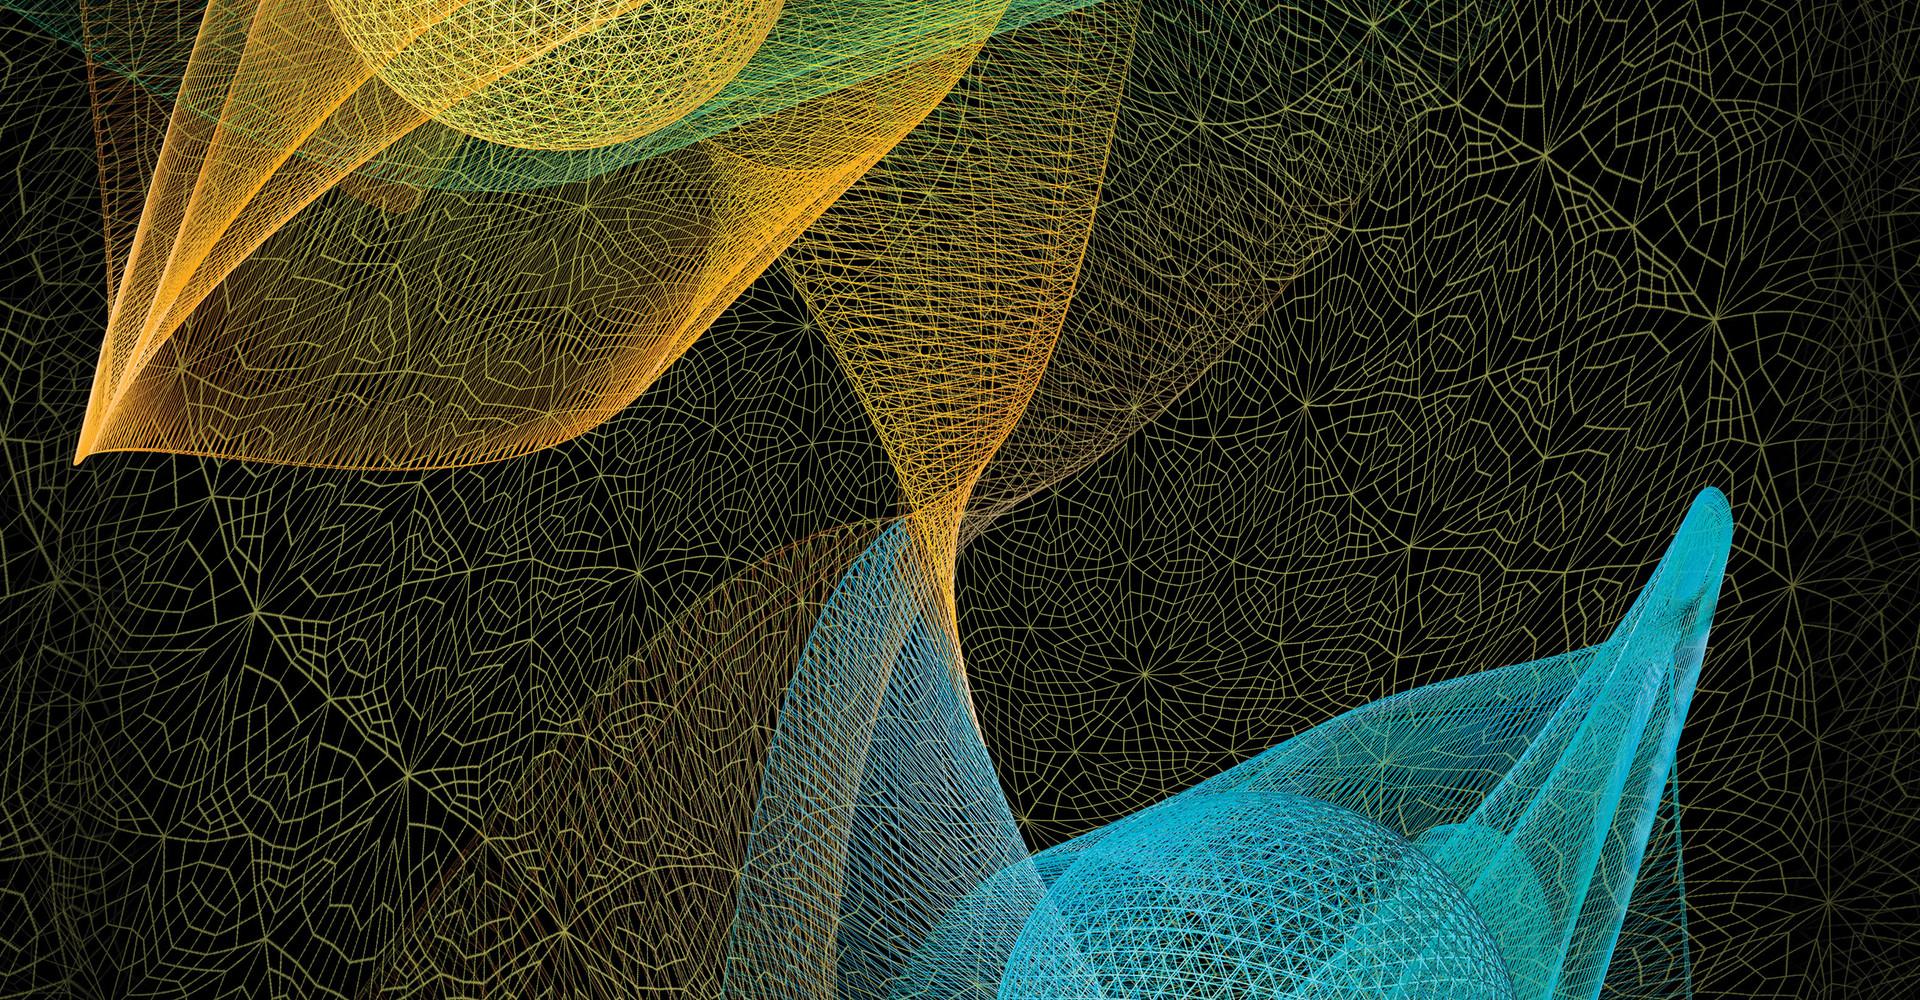 Princeton University Science (cover image) 2020   a.d. K. Zandonella